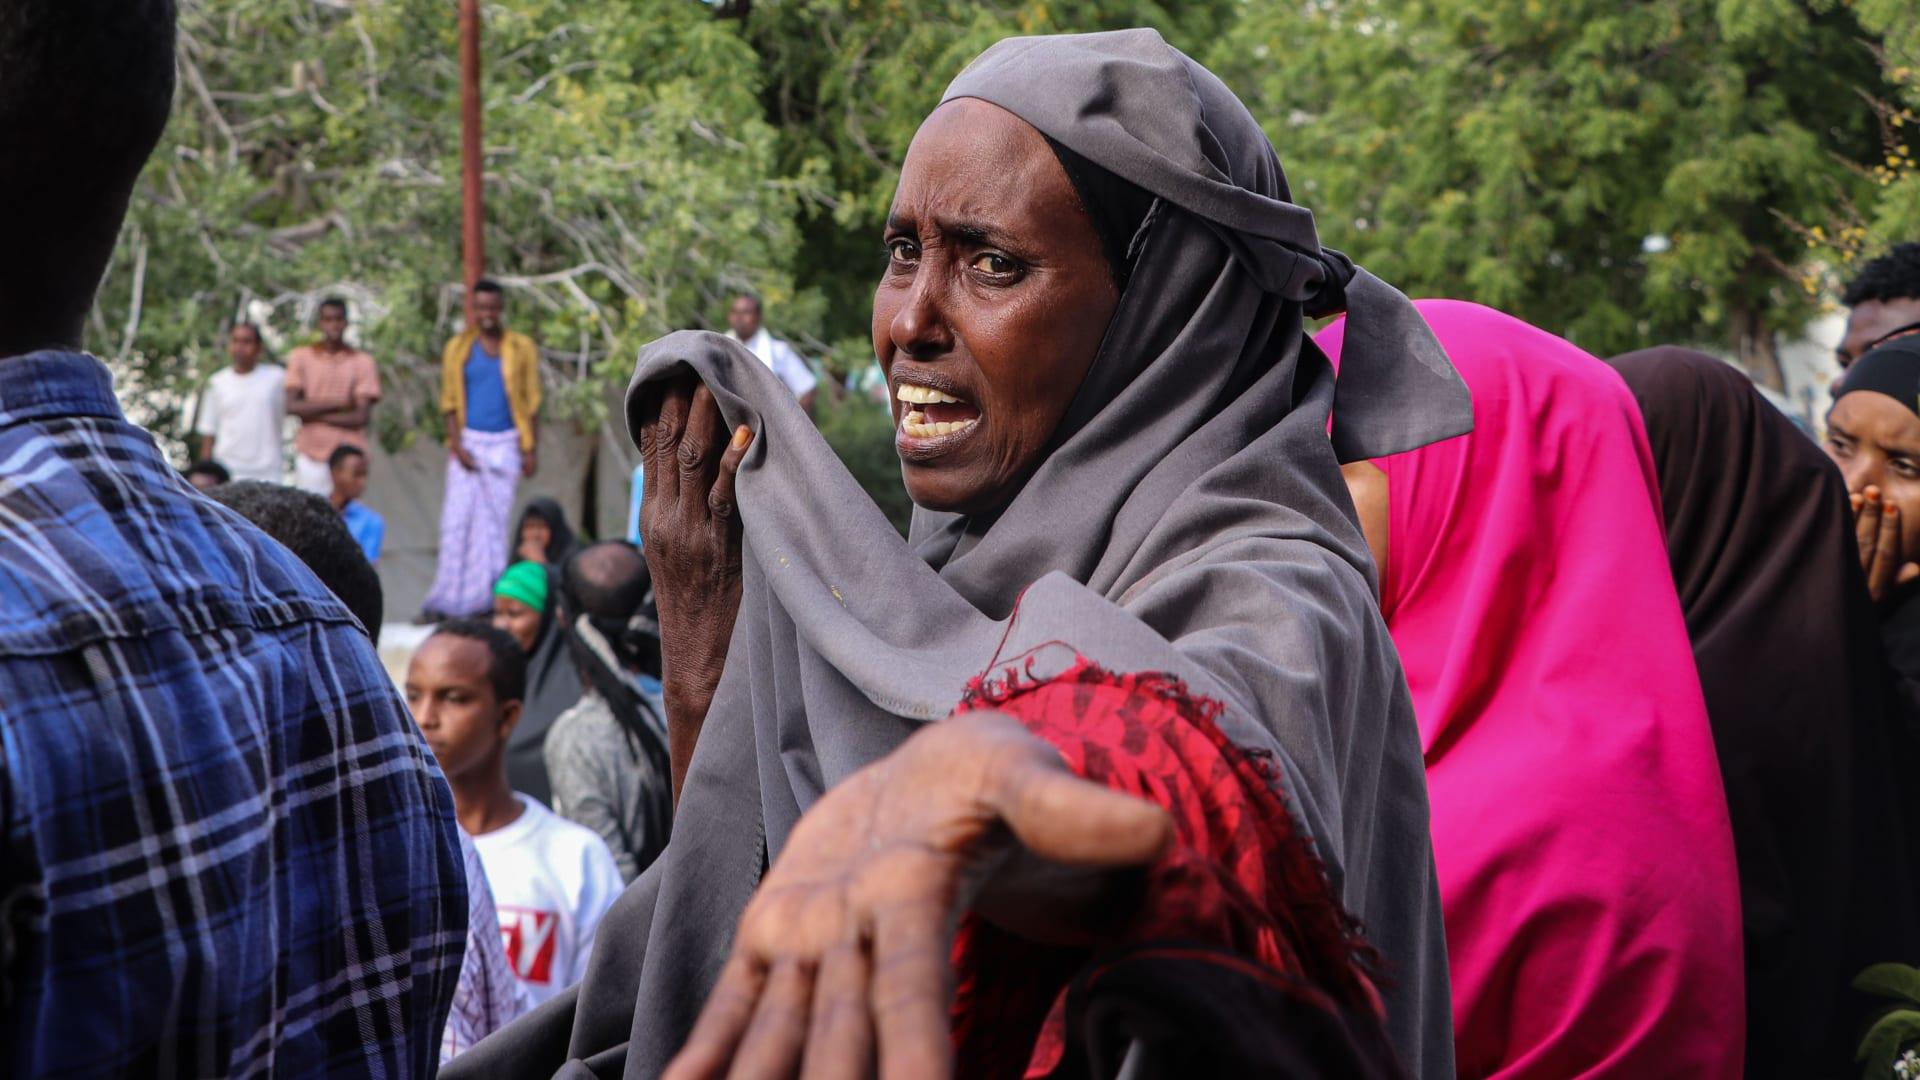 سبت دموي بالصومال.. ارتفاع حصيلة ضحايا انفجار مقديشو إلى 79 شخصًا